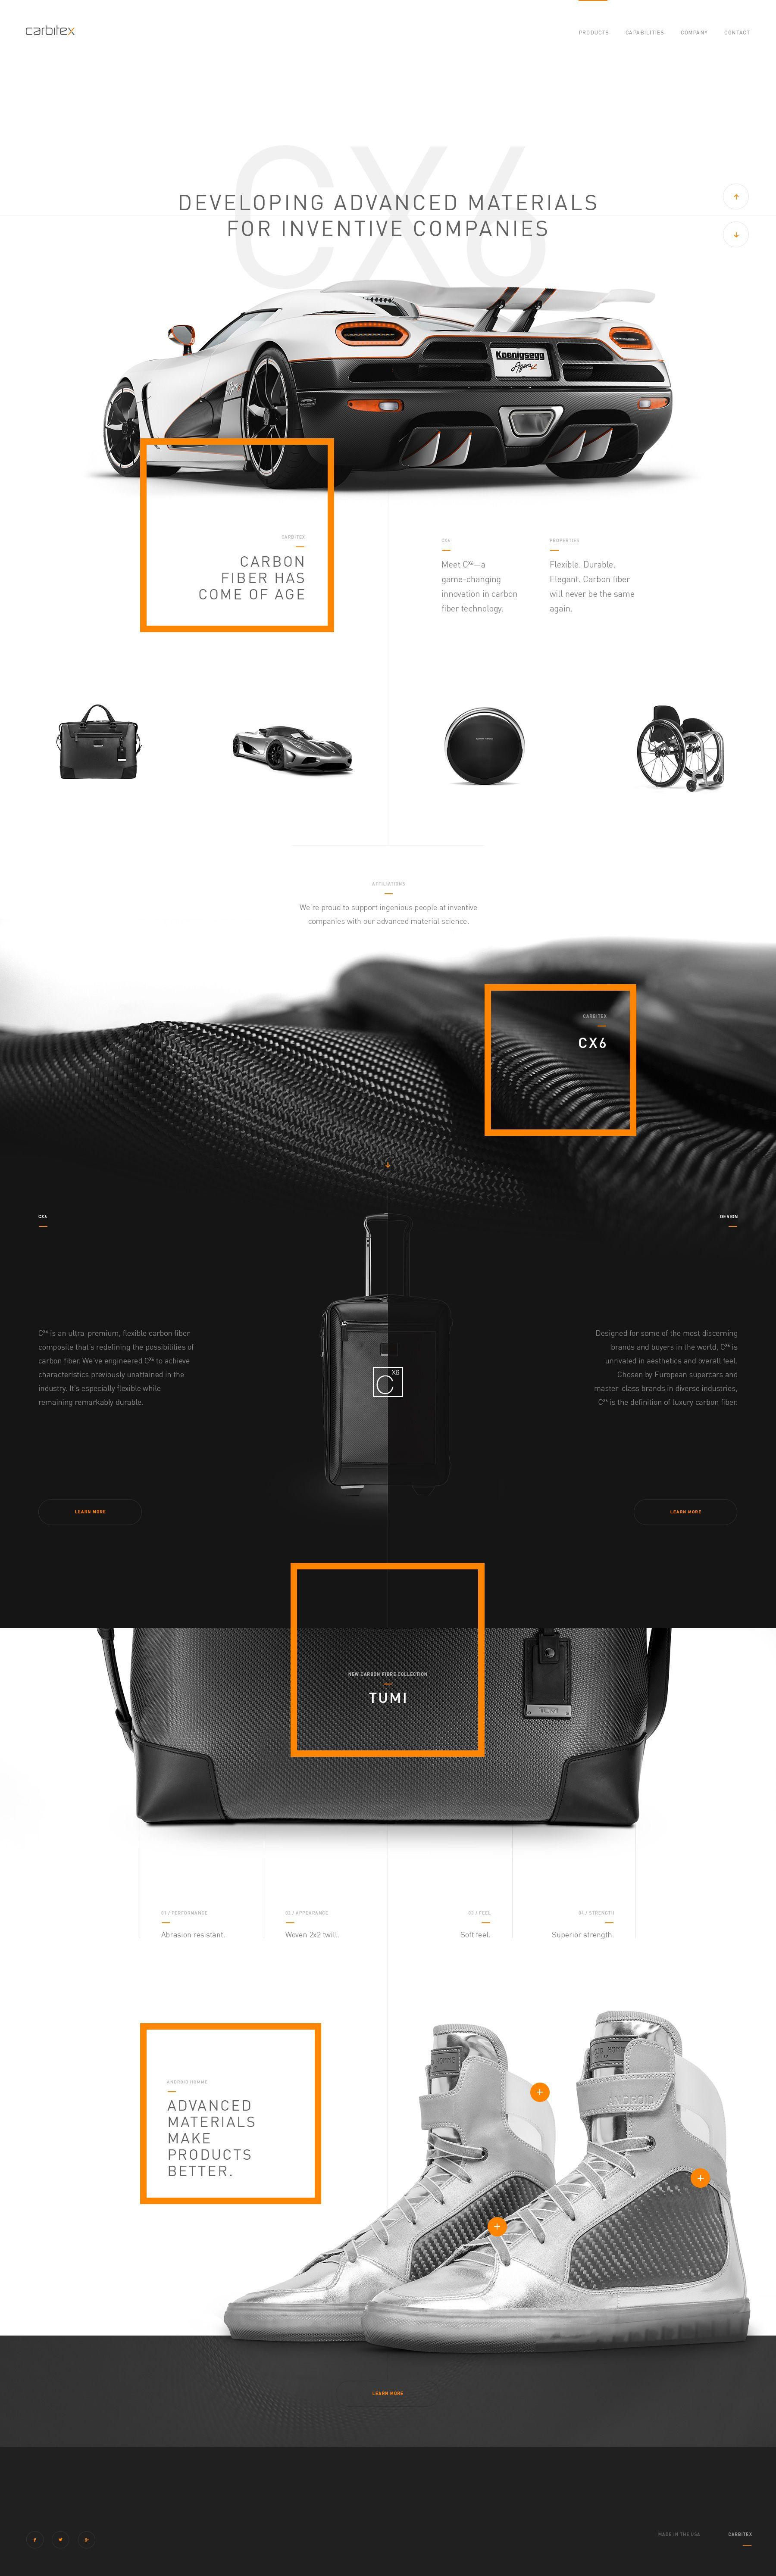 Unique Web Design, Carbitex #WebDesign #Design